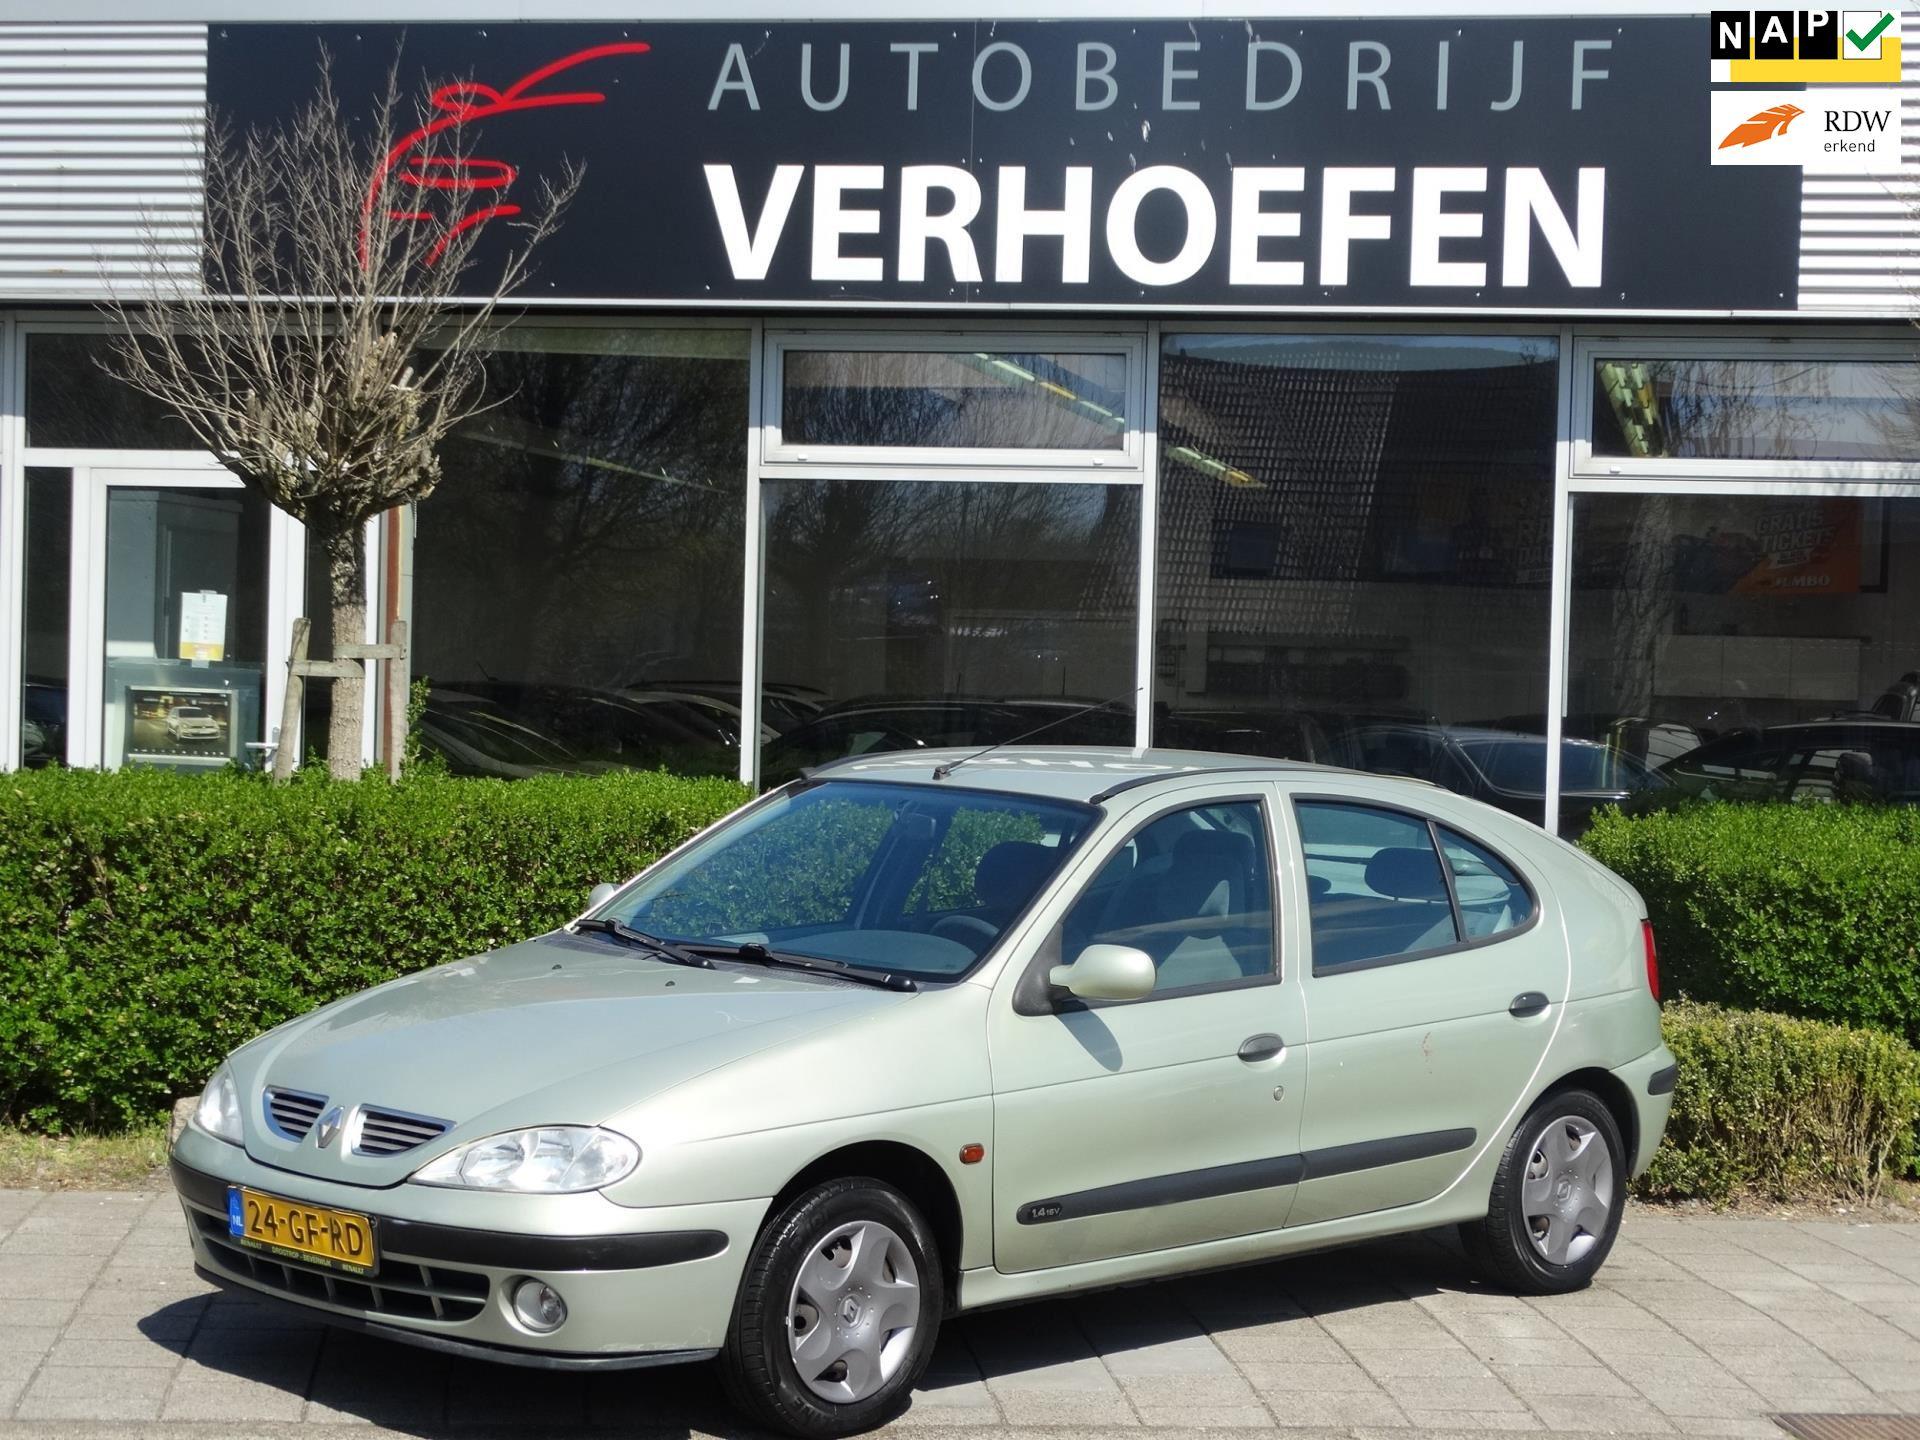 Renault Mégane occasion - Autobedrijf Verhoefen